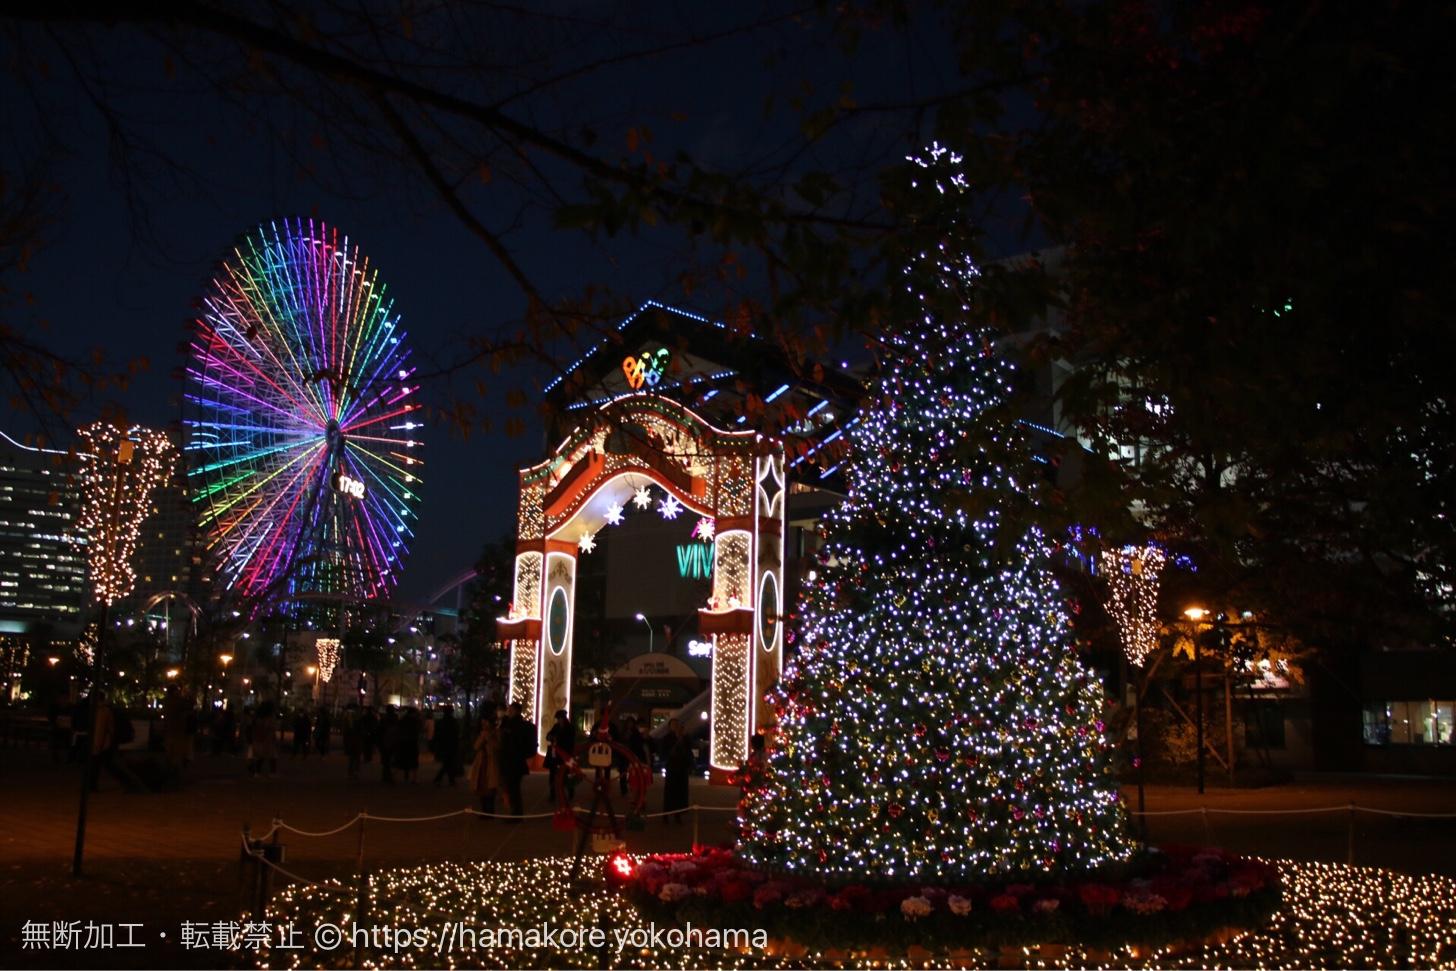 2017年 横浜ワールドポーターズでクリスマスイルミネーション開催中!横浜赤レンガとセットで